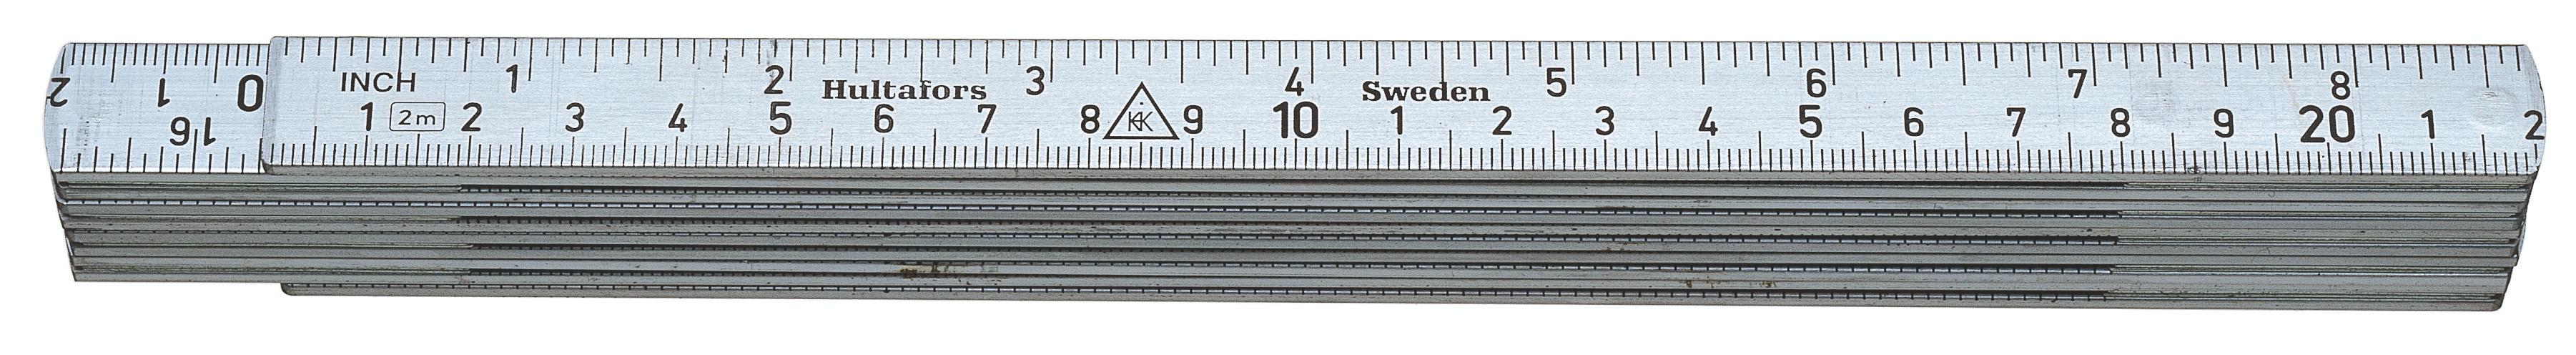 Hultafors Aluminium Folding Rule A61 — 2m, 10 sections HU-150203